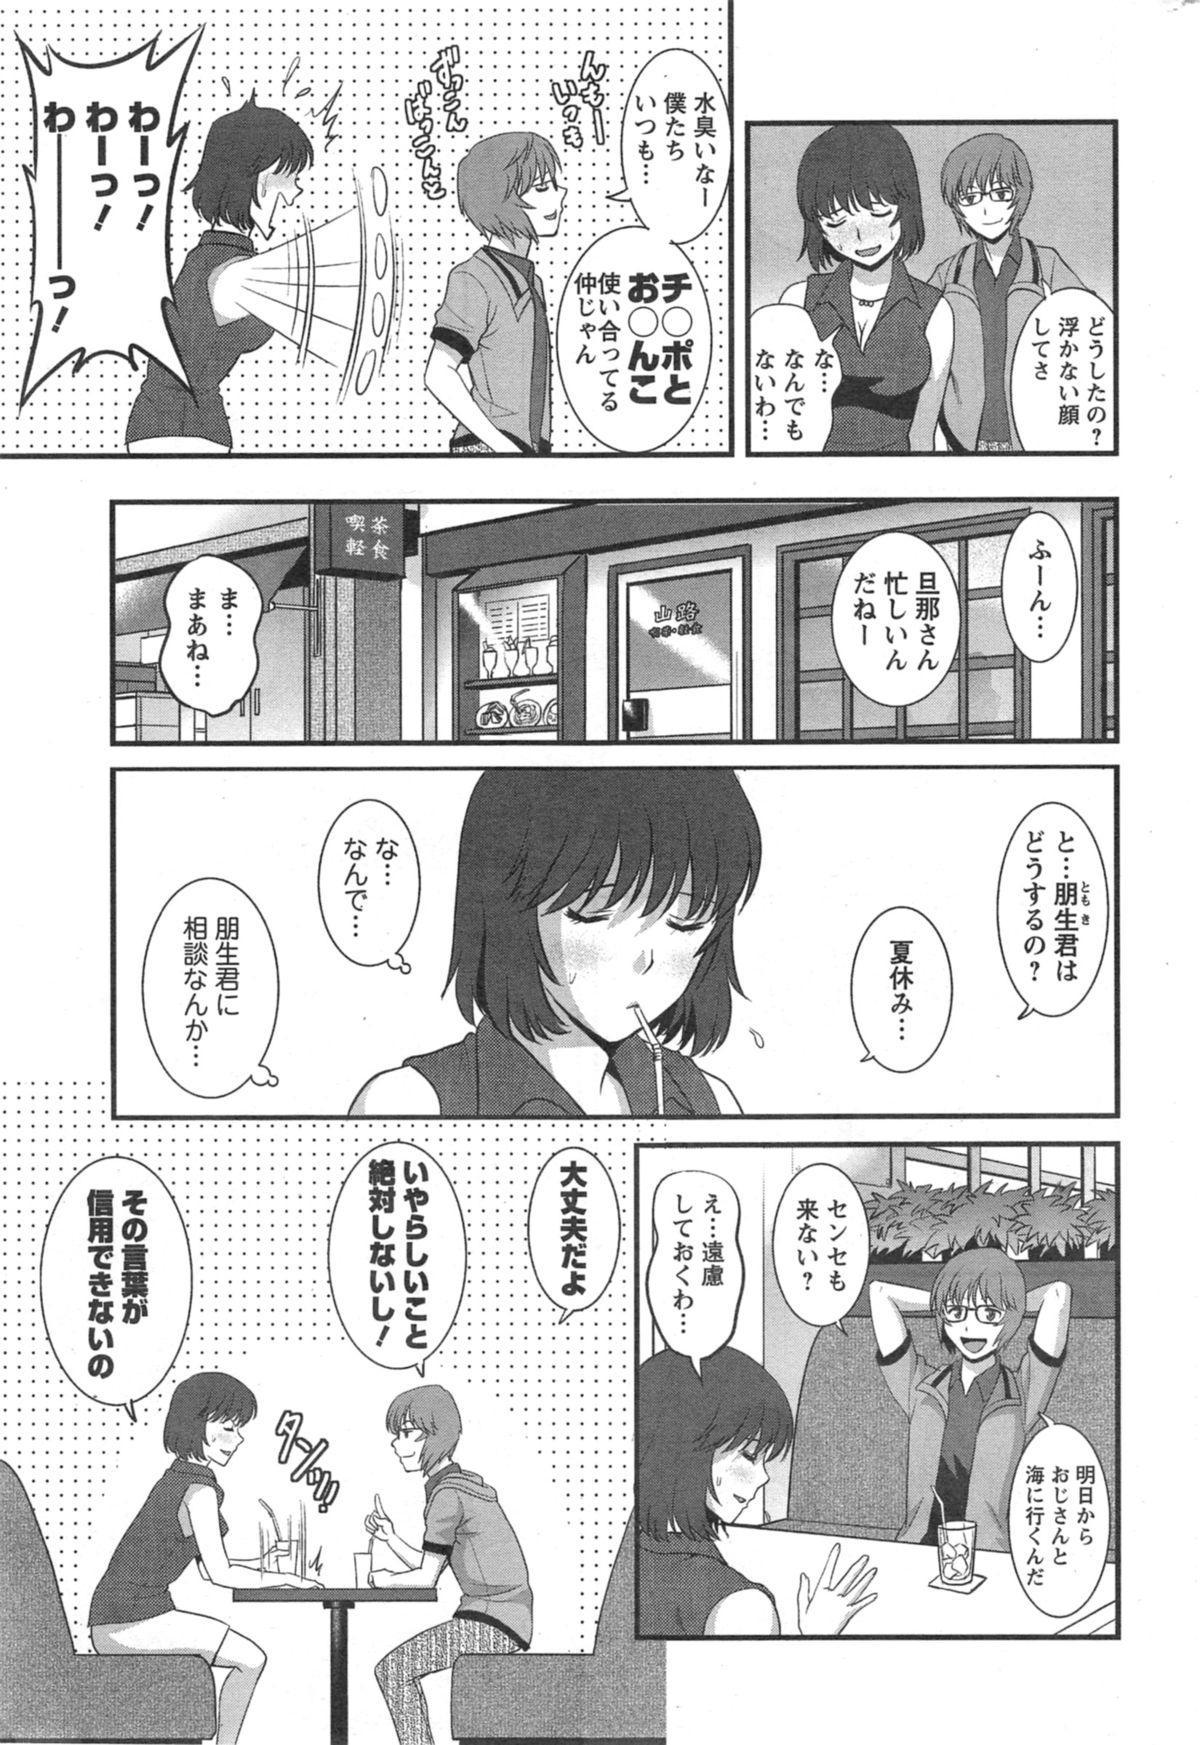 [Saigado] Hitozuma Jokyoushi Main-san Ch.01-10 182